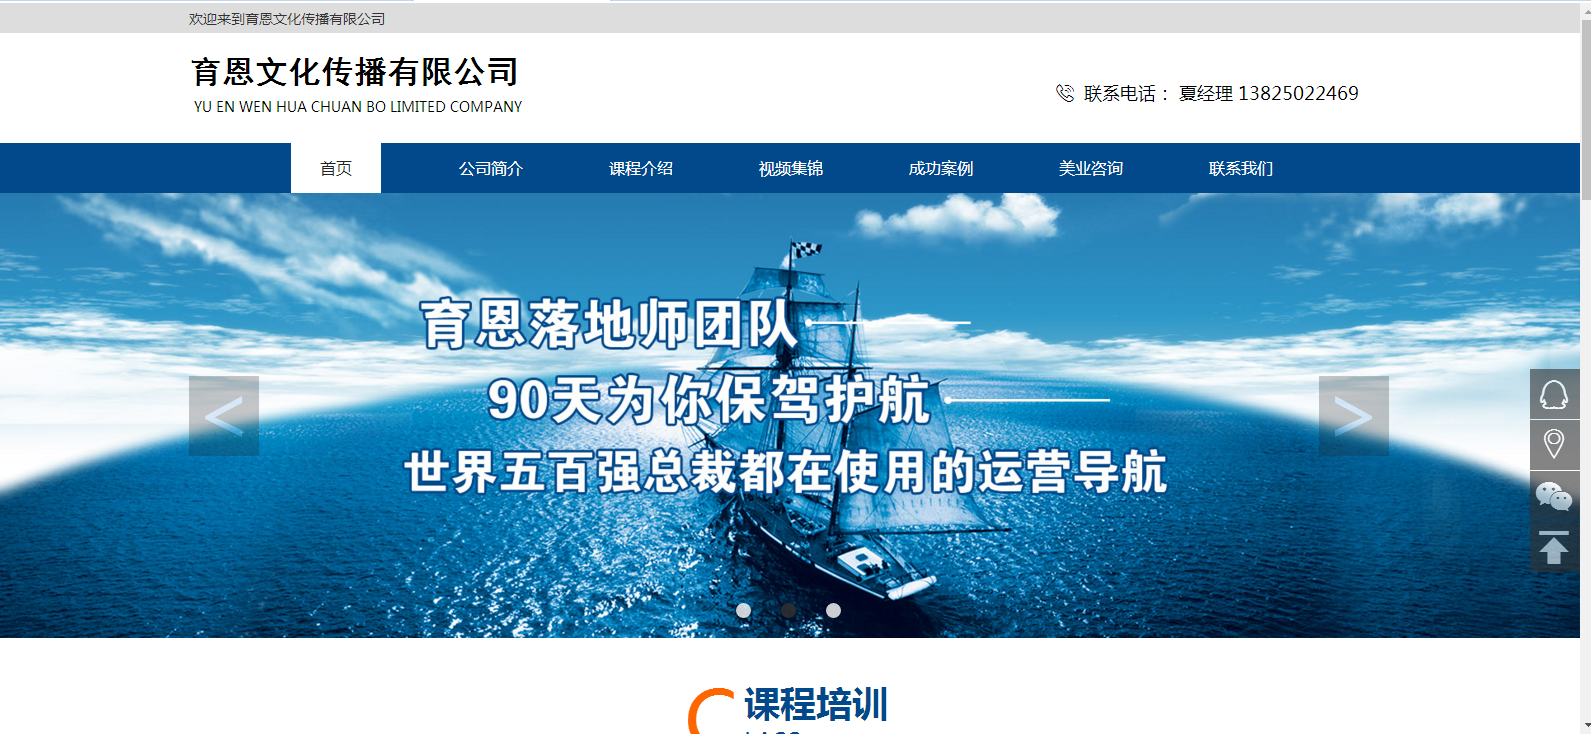 广州育恩文化传播有限公司